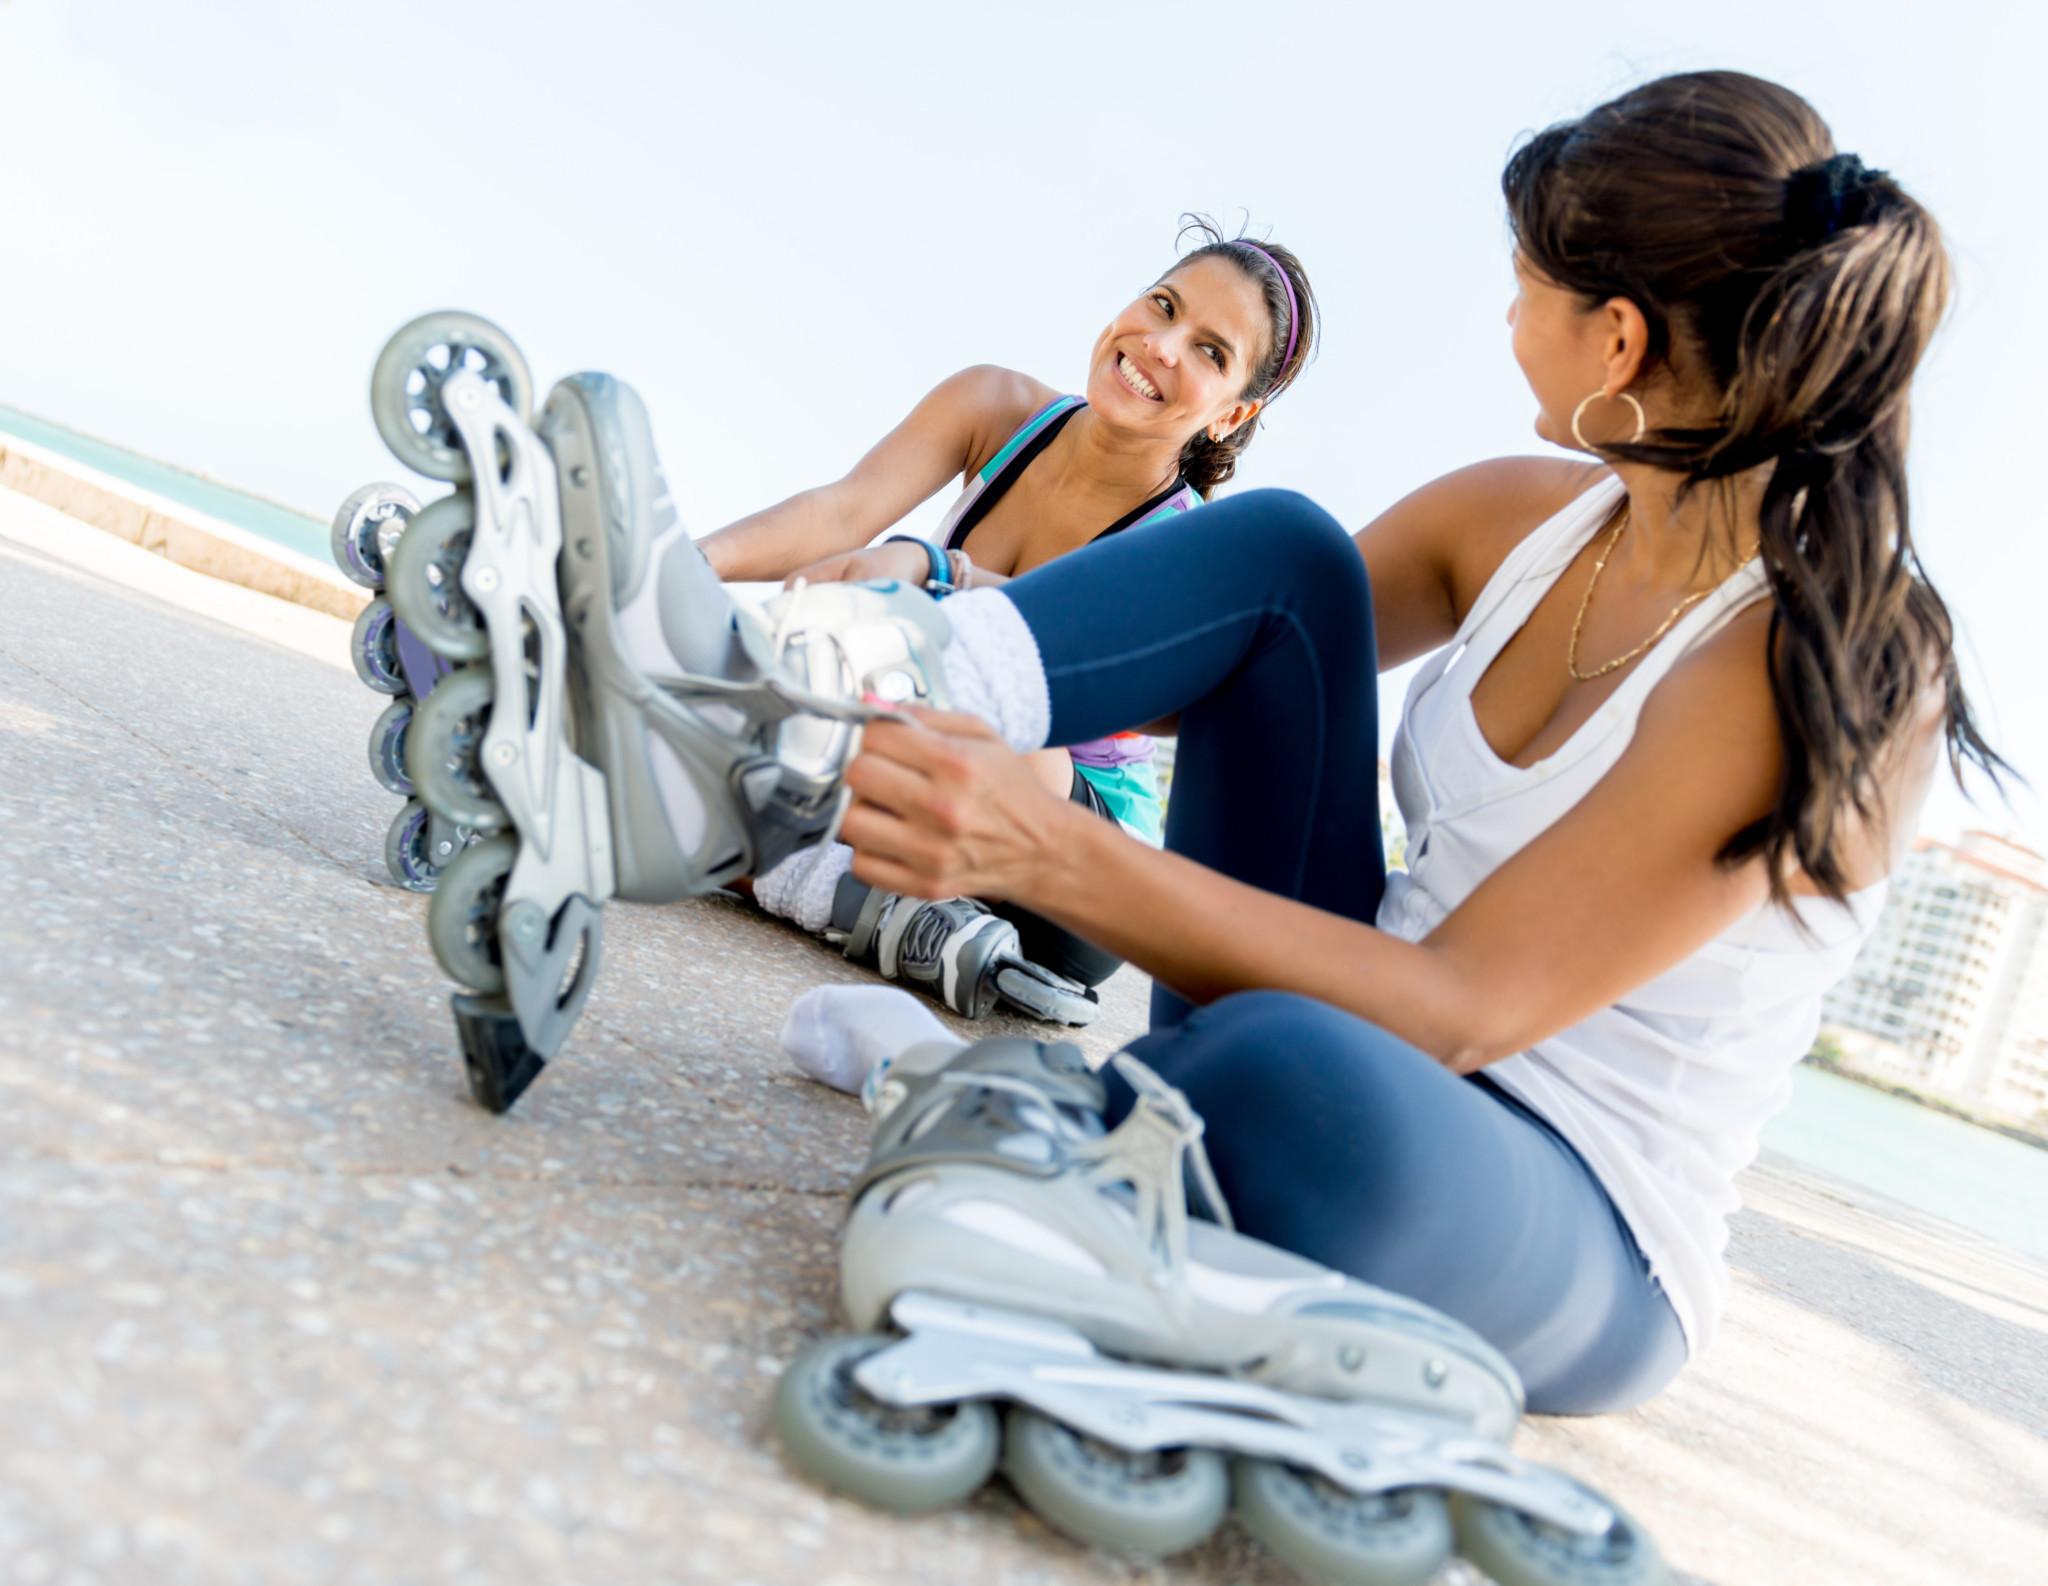 Топ-6 самых популярных видов летнего фитнеса